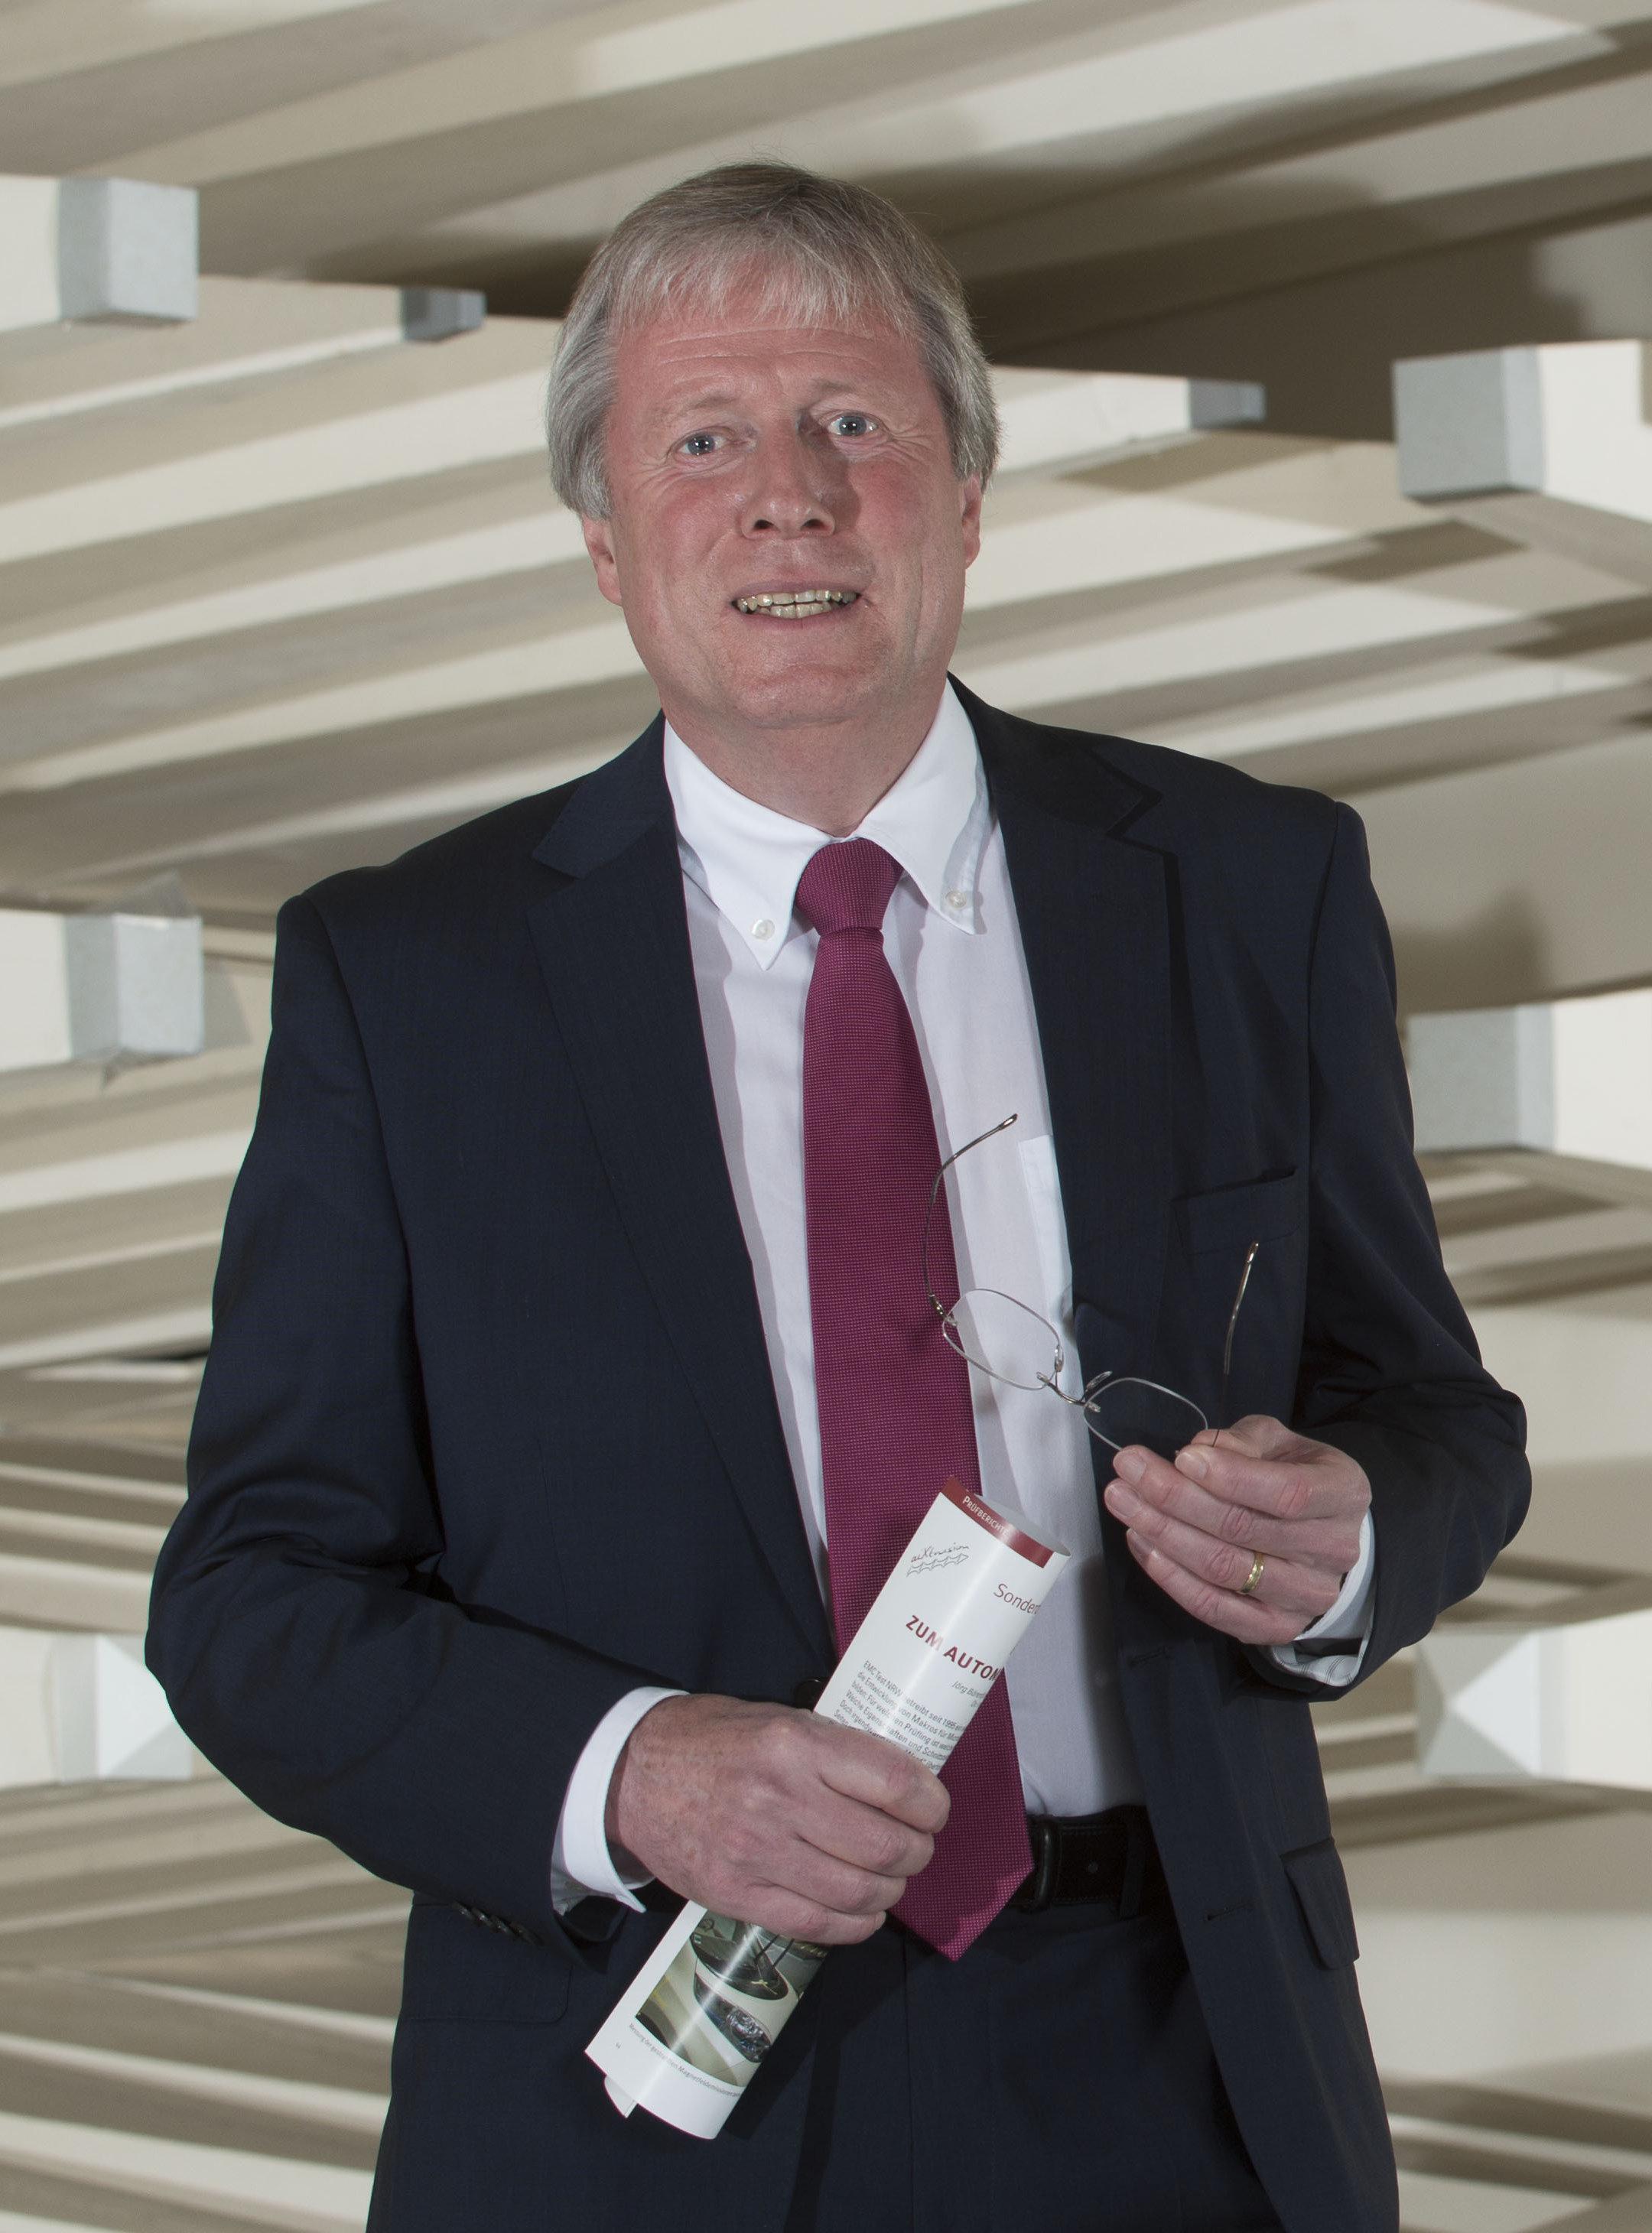 Lebenslauf - EMV-Sachverständiger Dipl.-Ing. Gerhard Pohlmann